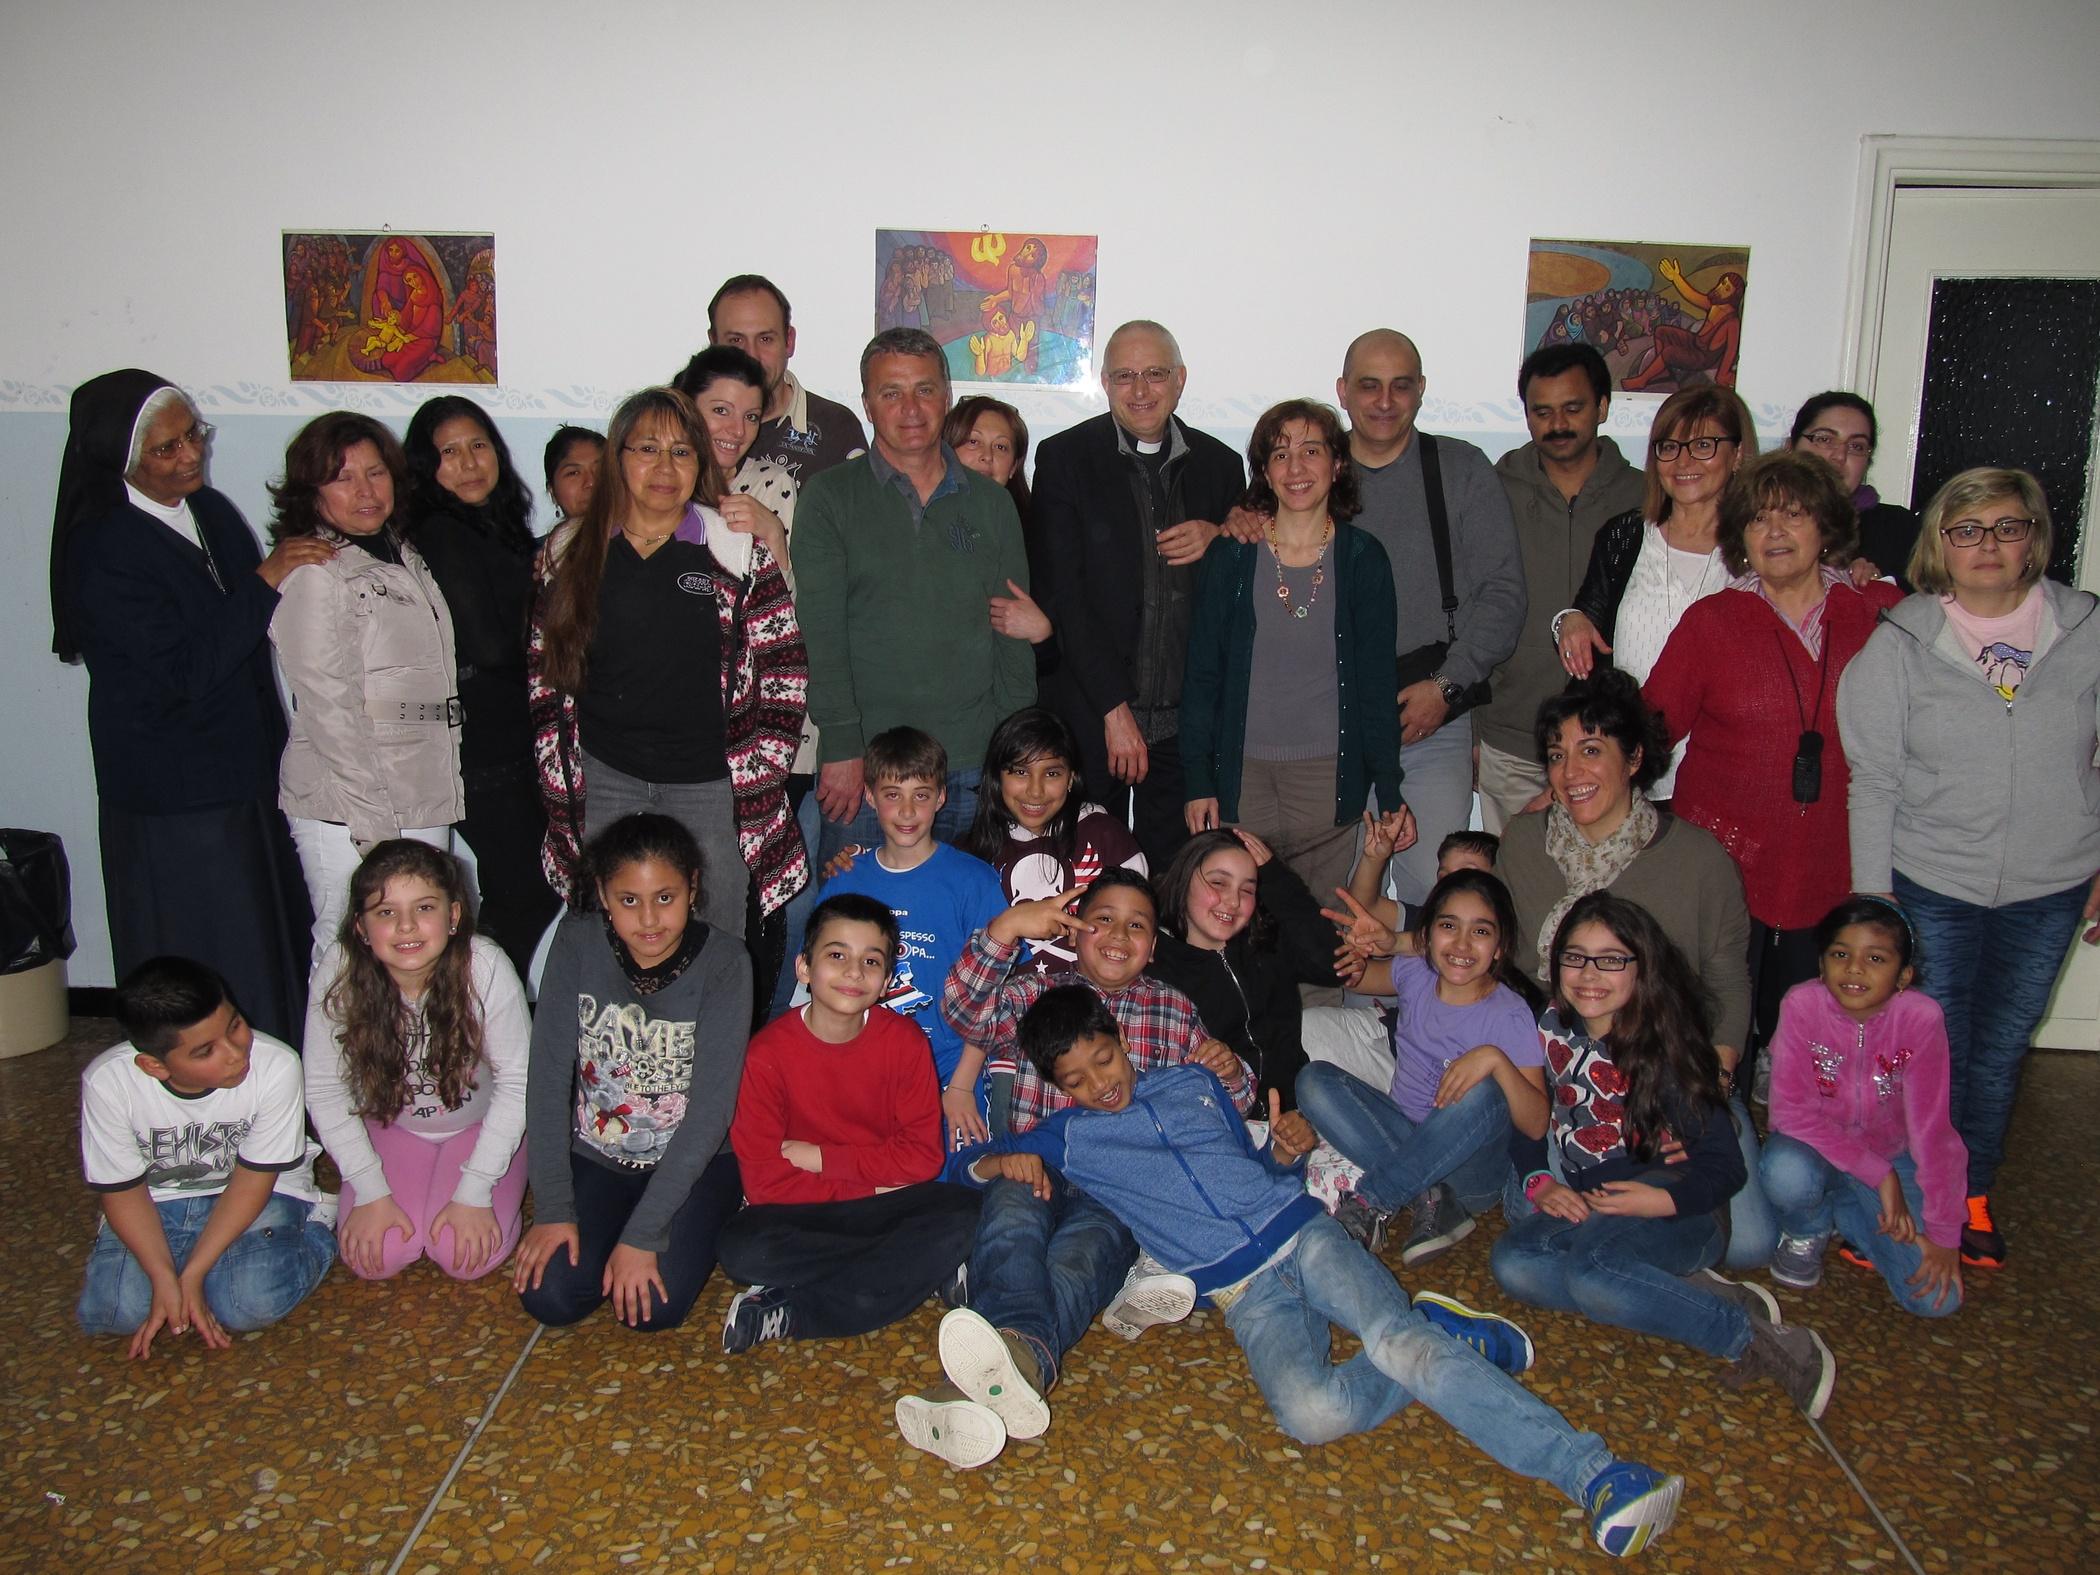 cena-famiglie-prima-comunione-2015-04-17-21-18-26_0